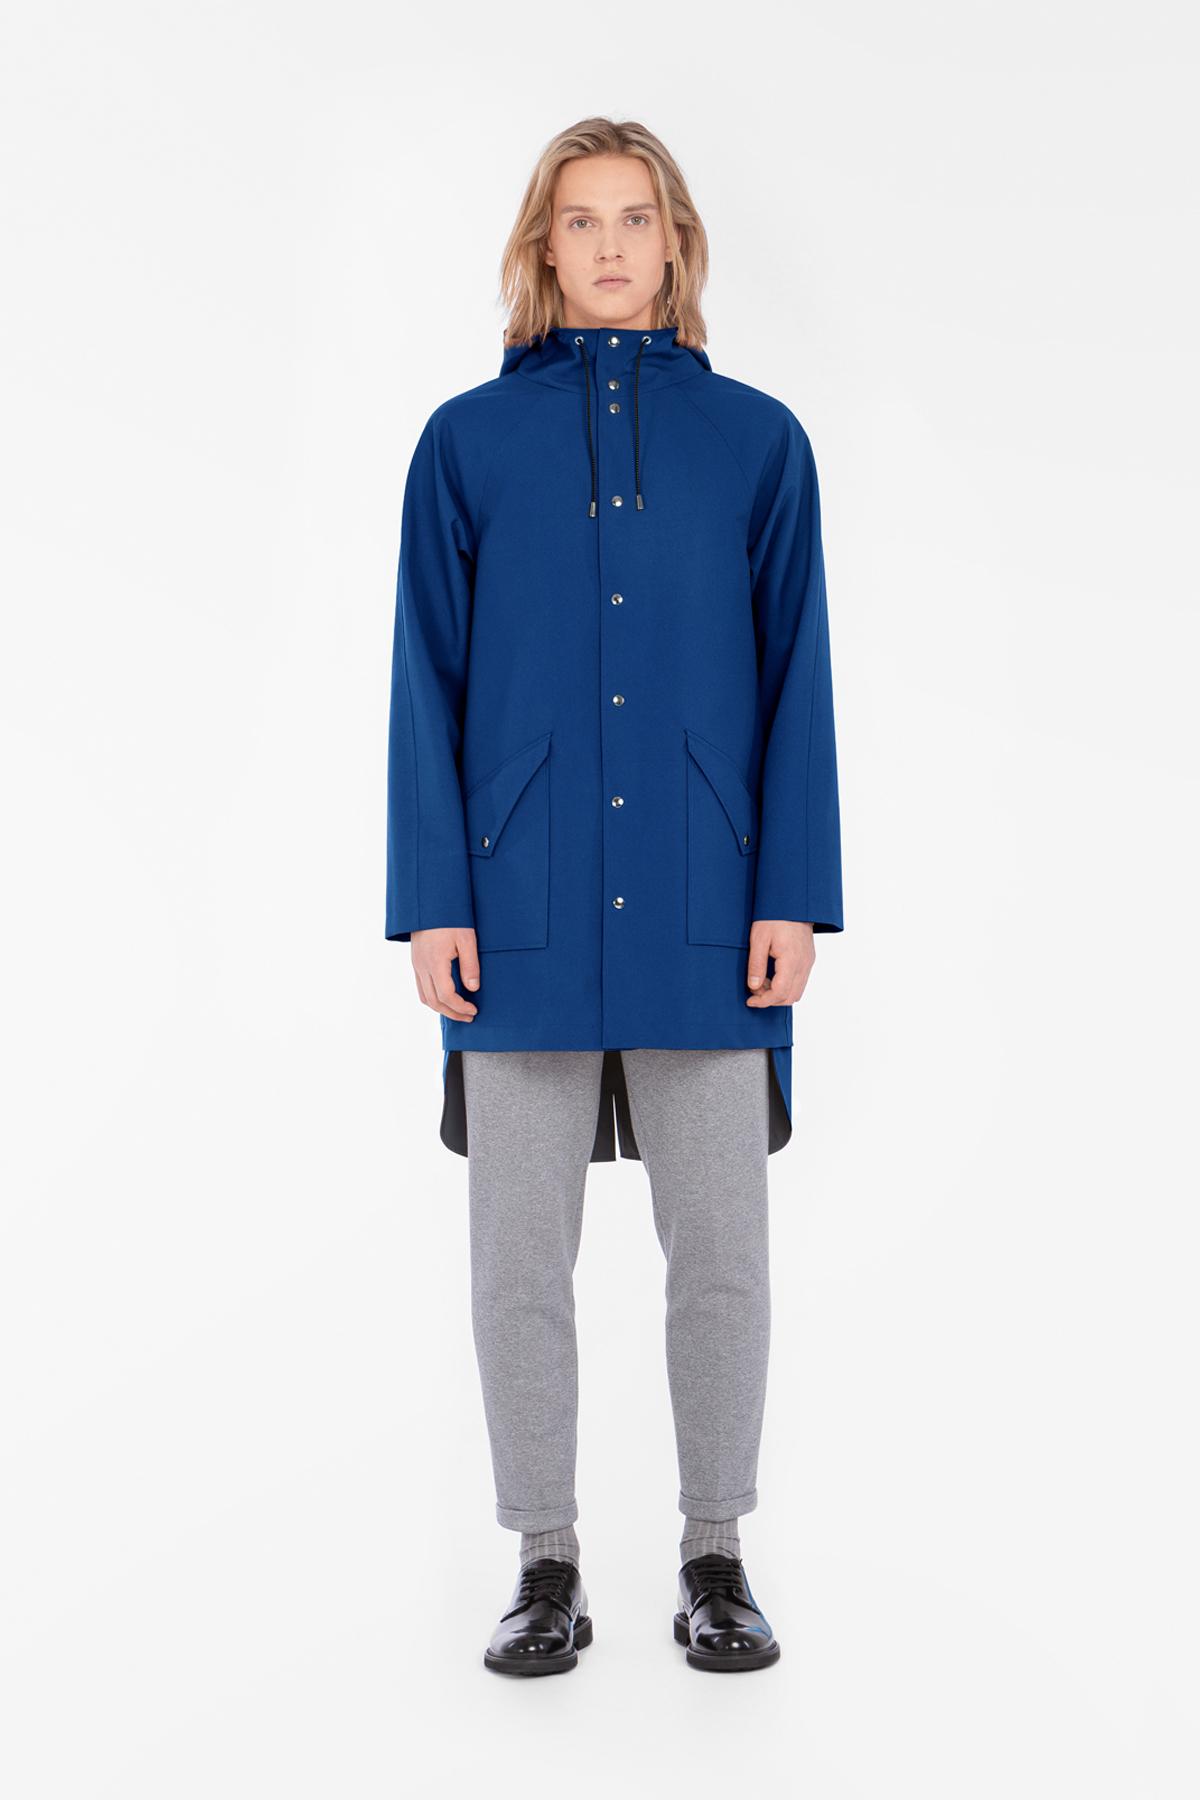 Unisex raincoat 68